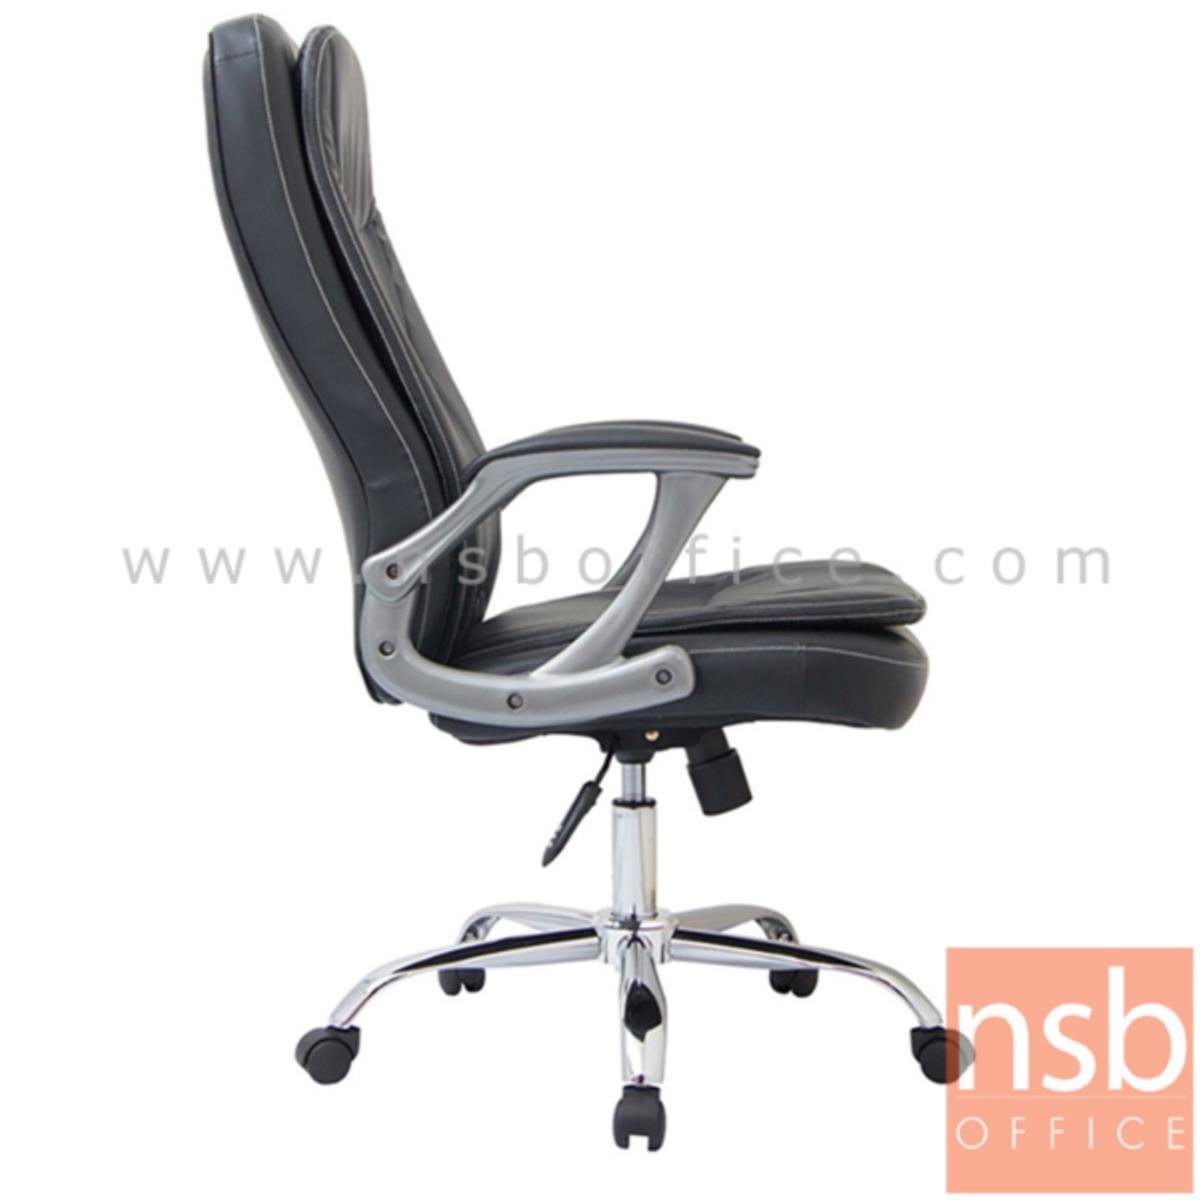 เก้าอี้ผู้บริหาร รุ่น Damion (เดเมียน)  โช๊คแก๊ส มีก้อนโยก ขาเหล็กชุบโครเมี่ยม